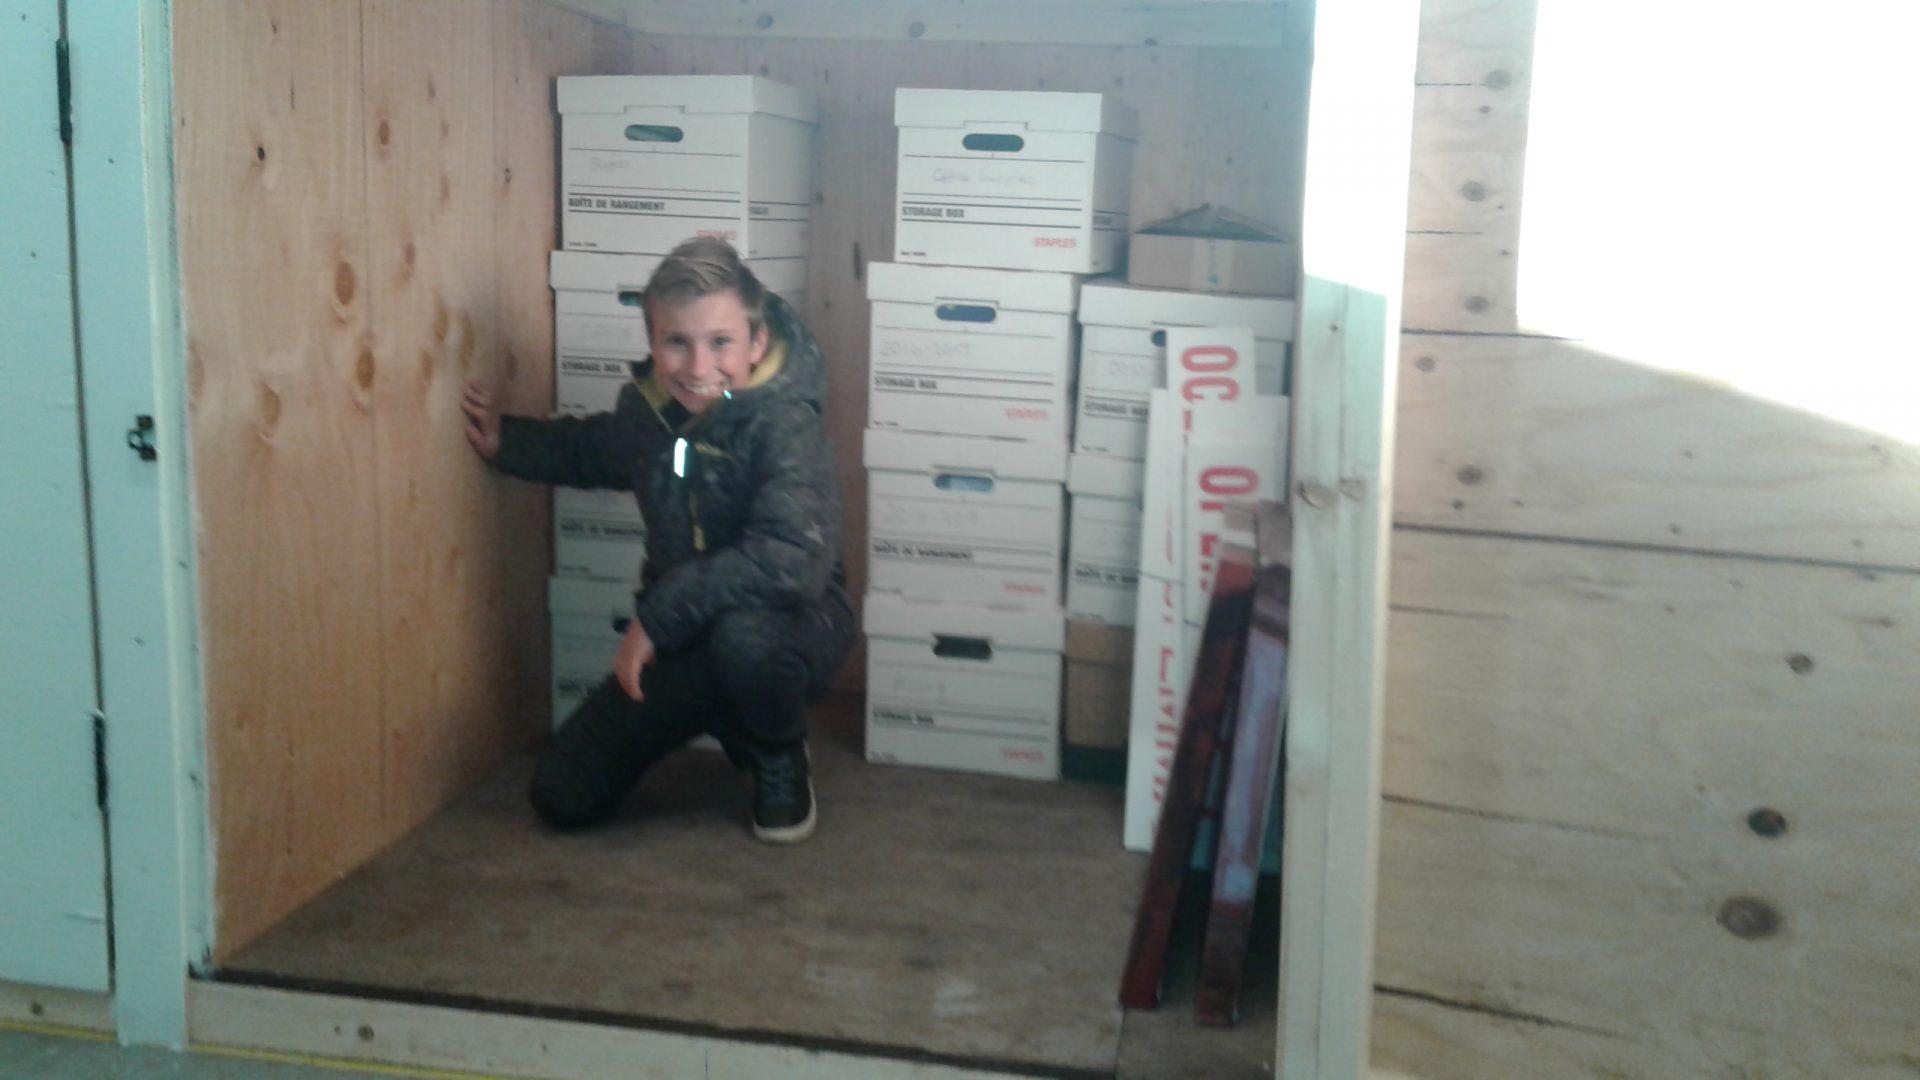 storage unit, child, boxes